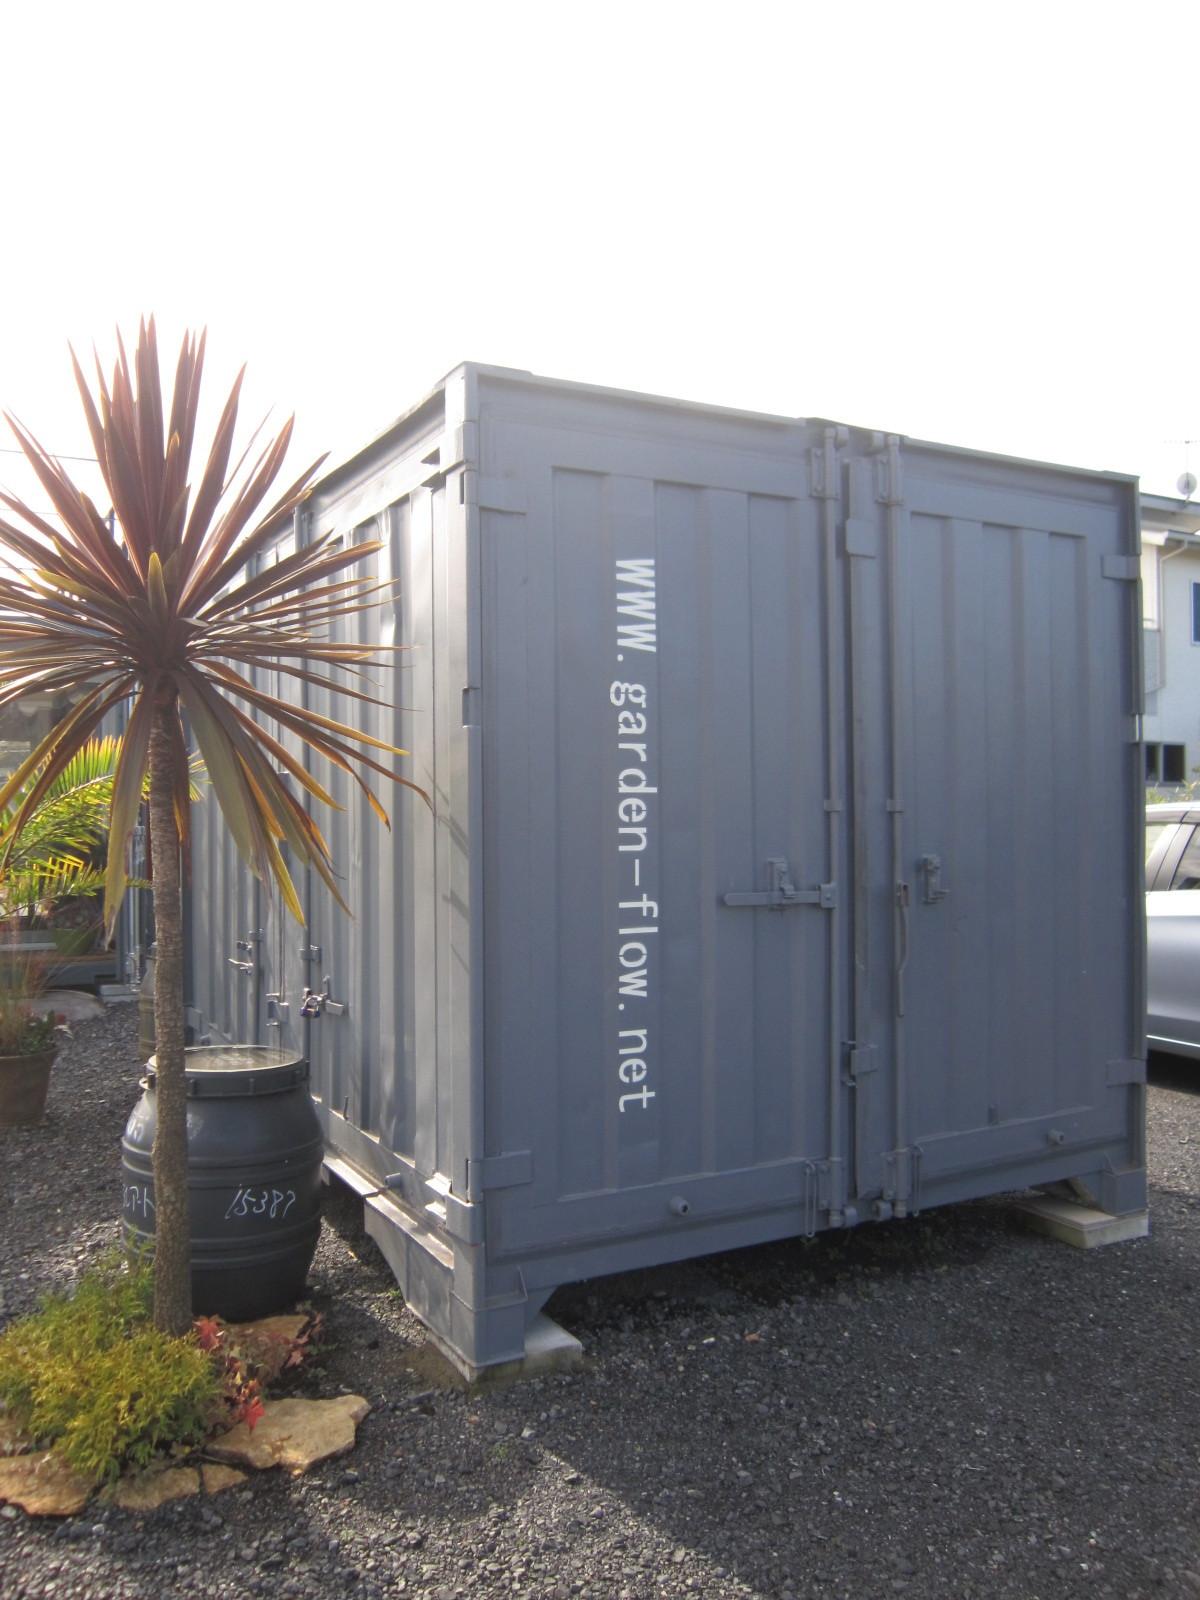 群馬県太田市・栃木県足利市近郊お庭の施工専門店ガーデンフローHP`WWW.garden-Flow.net'アドレスをペイントしてみました。 _e0361918_10525981.jpg